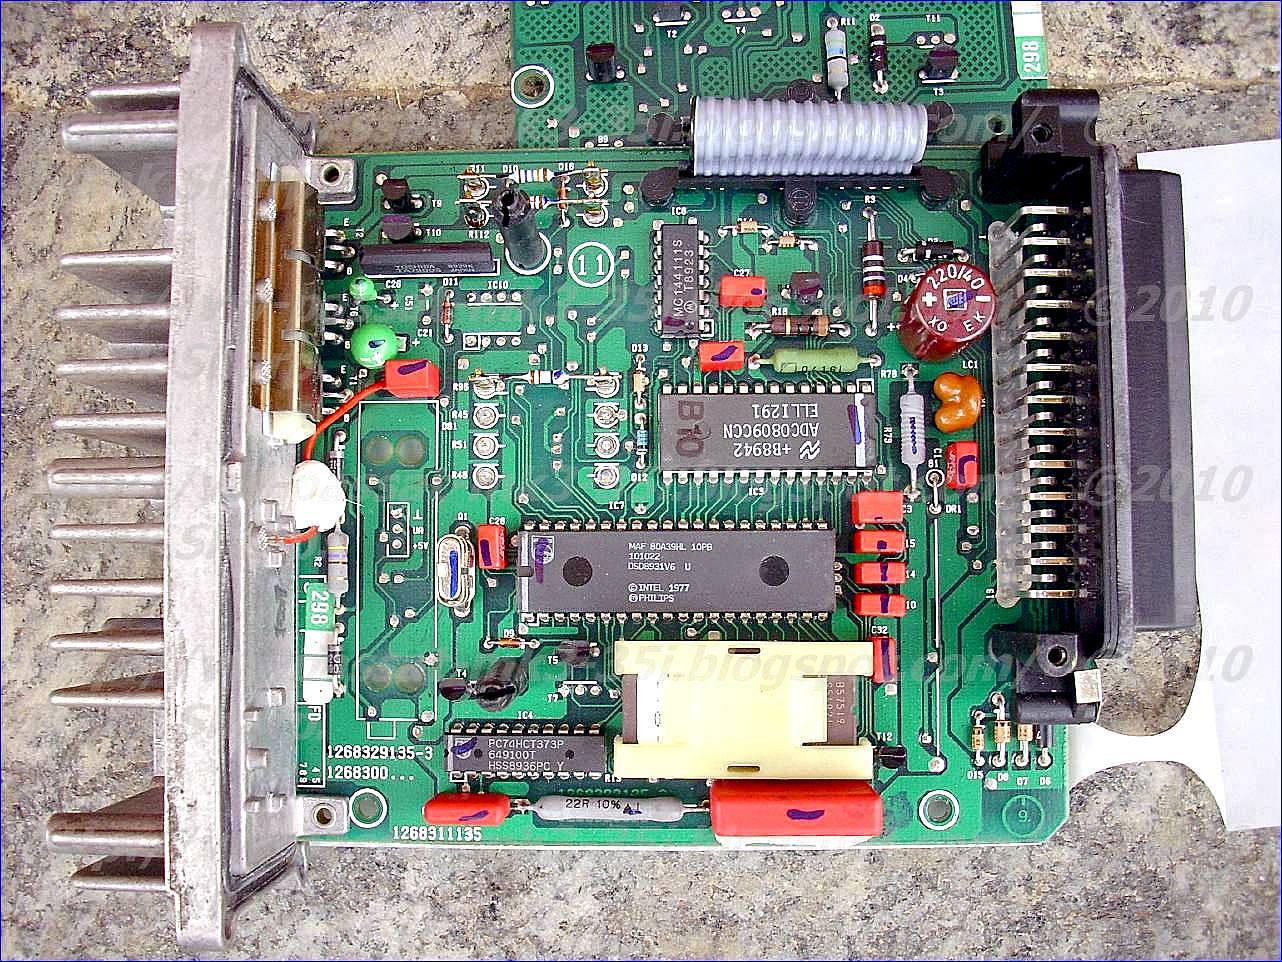 volkswagen passat volkswagen passat engine control management digifant 2 ii  [ 1282 x 962 Pixel ]